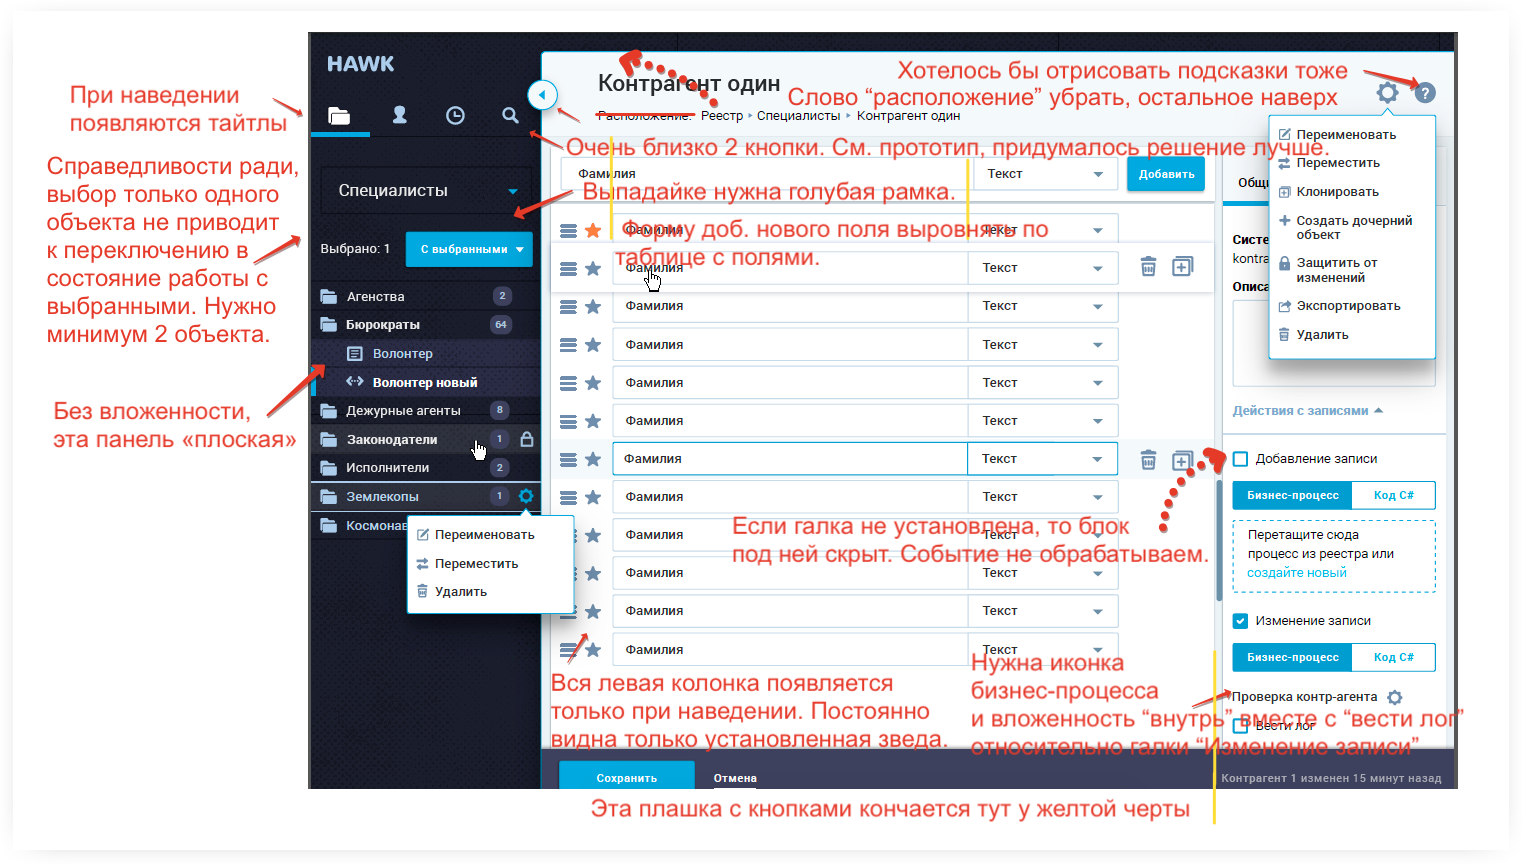 Представление обещния дизайнера с заказчиком | SobakaPav.ru